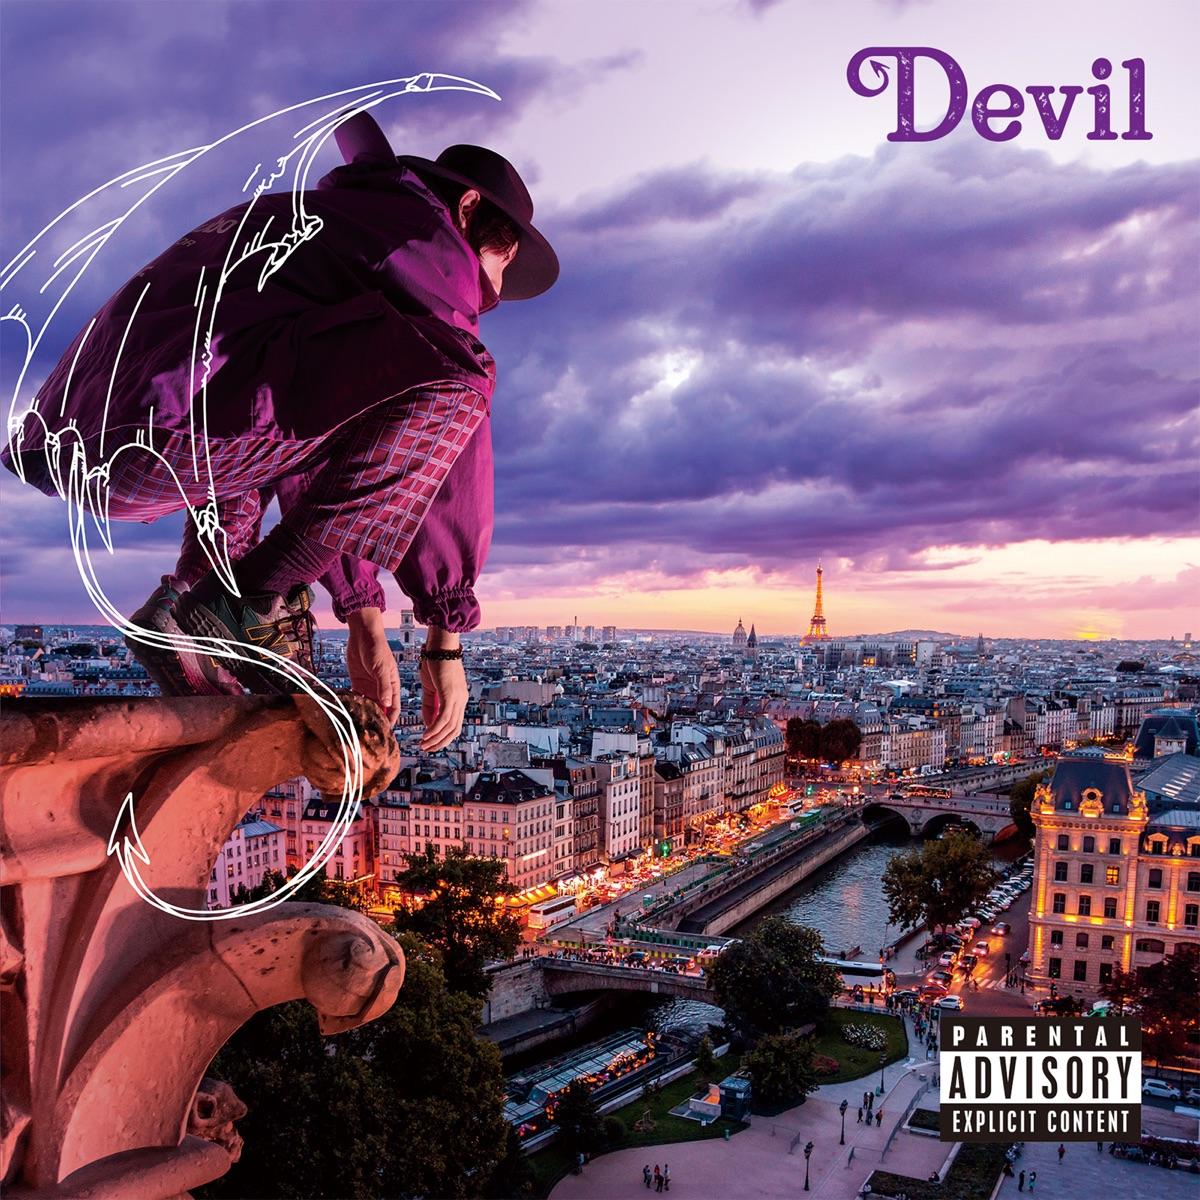 『ビッケブランカShekebon!』収録の『Devil』ジャケット